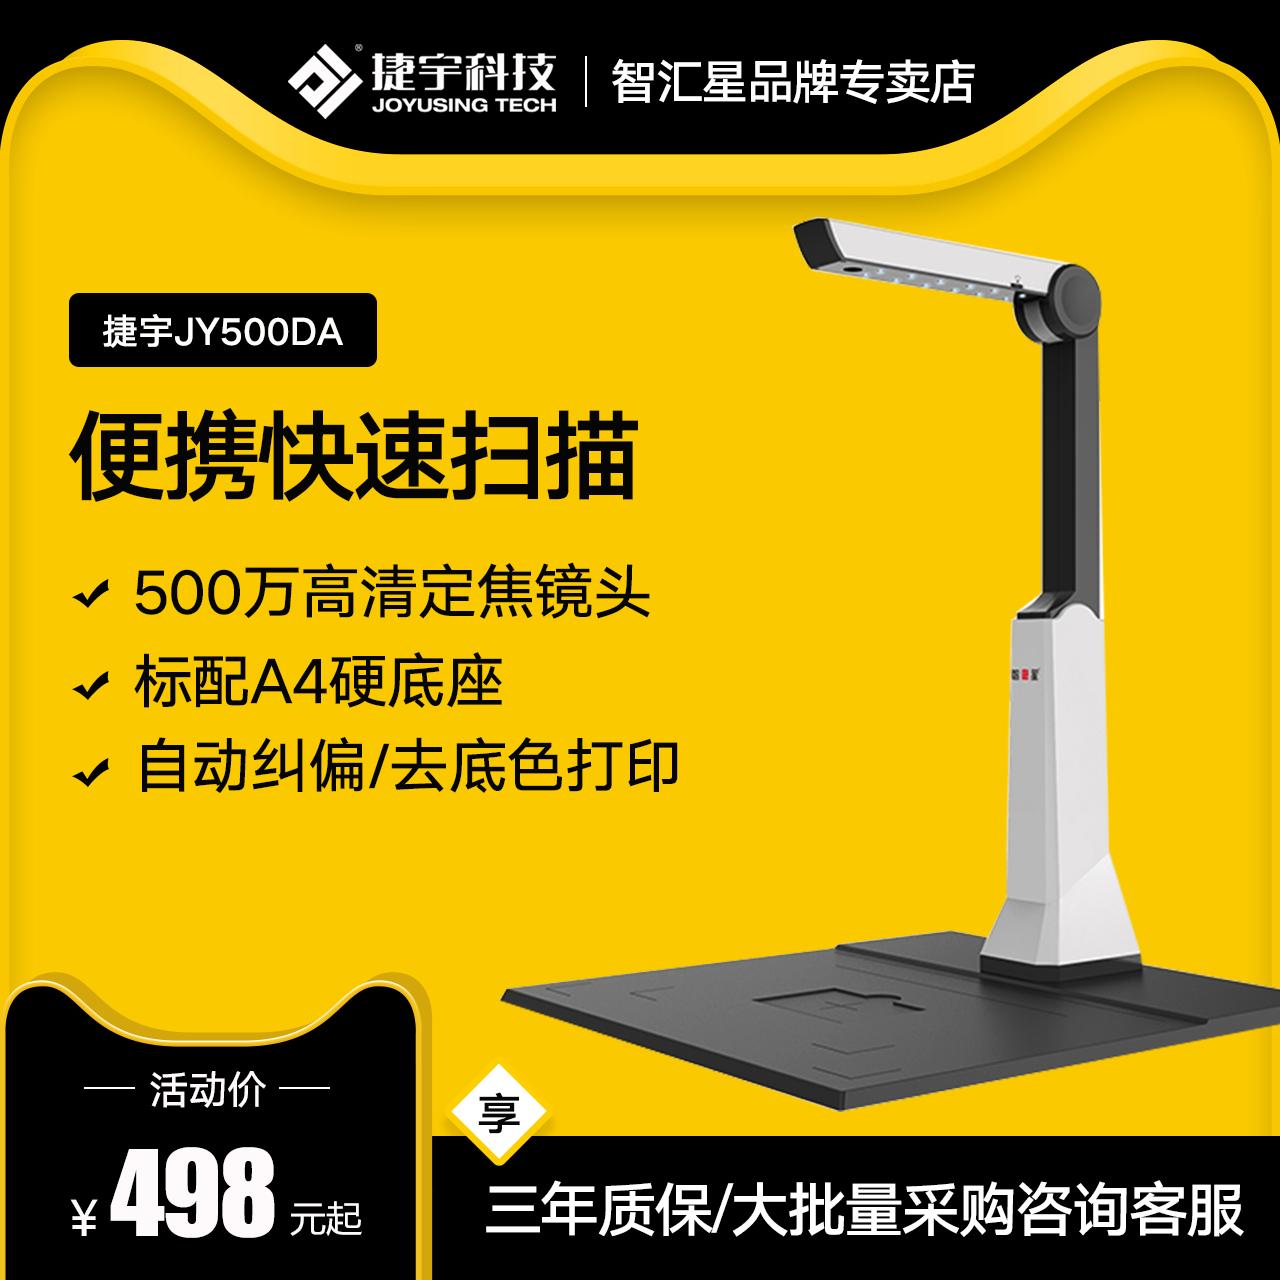 捷宇高拍仪A4-500D 高清500万像素拍照式A4文件高速扫描仪JY500DA